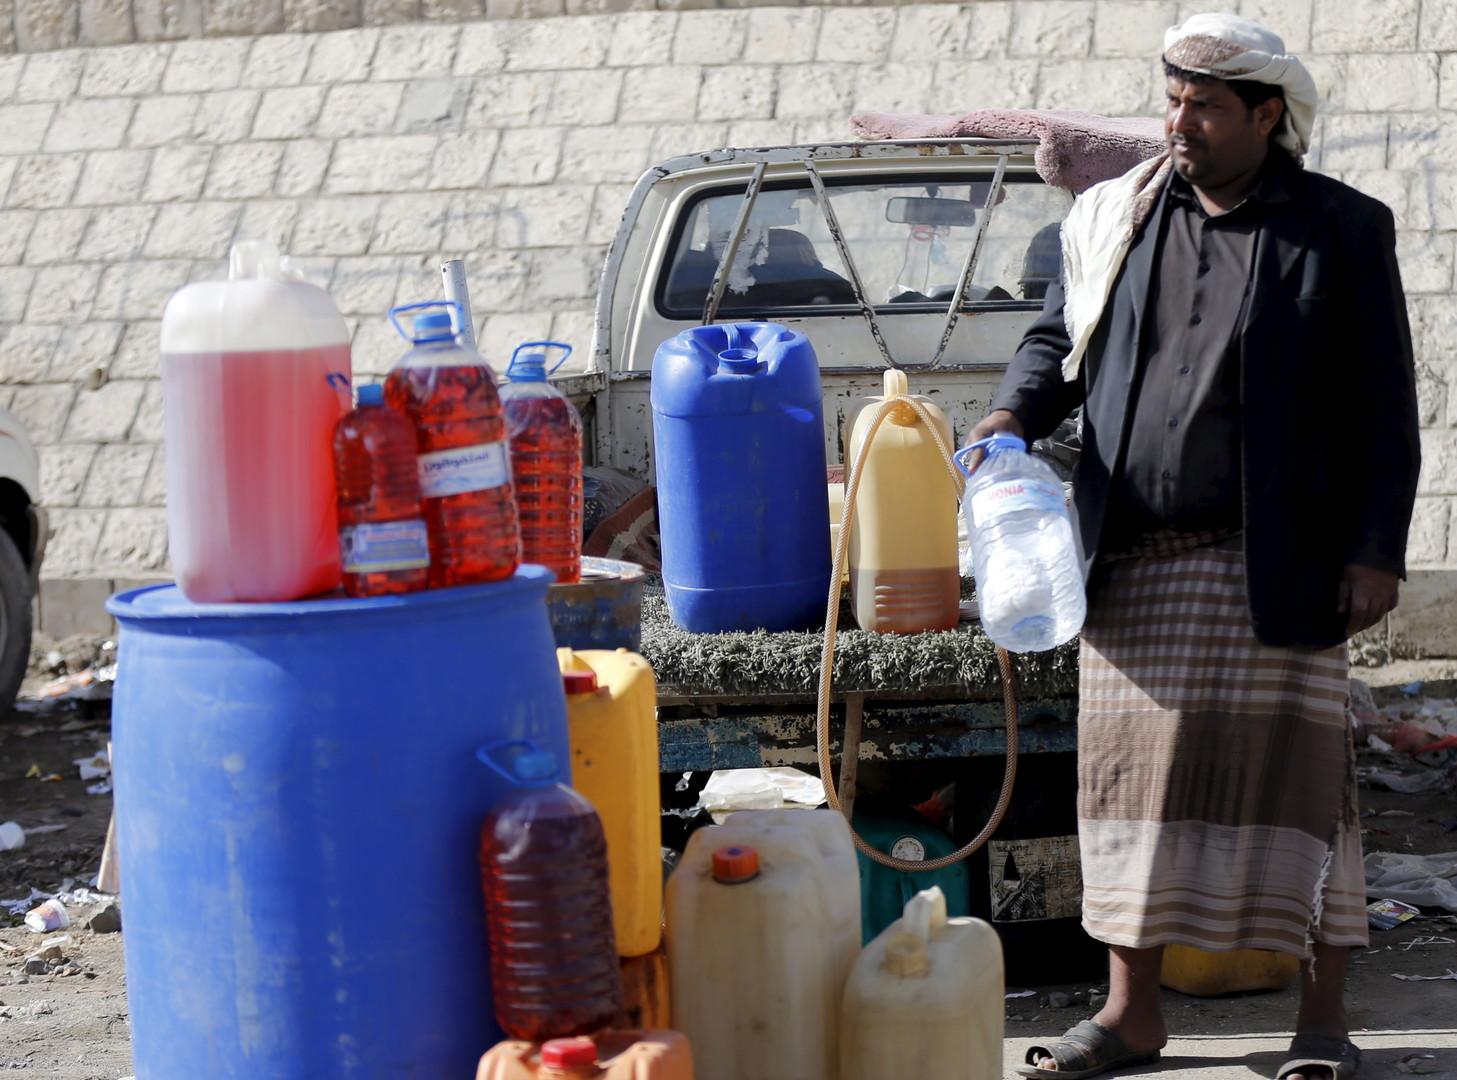 Le pétrole du marché noir au Yémen